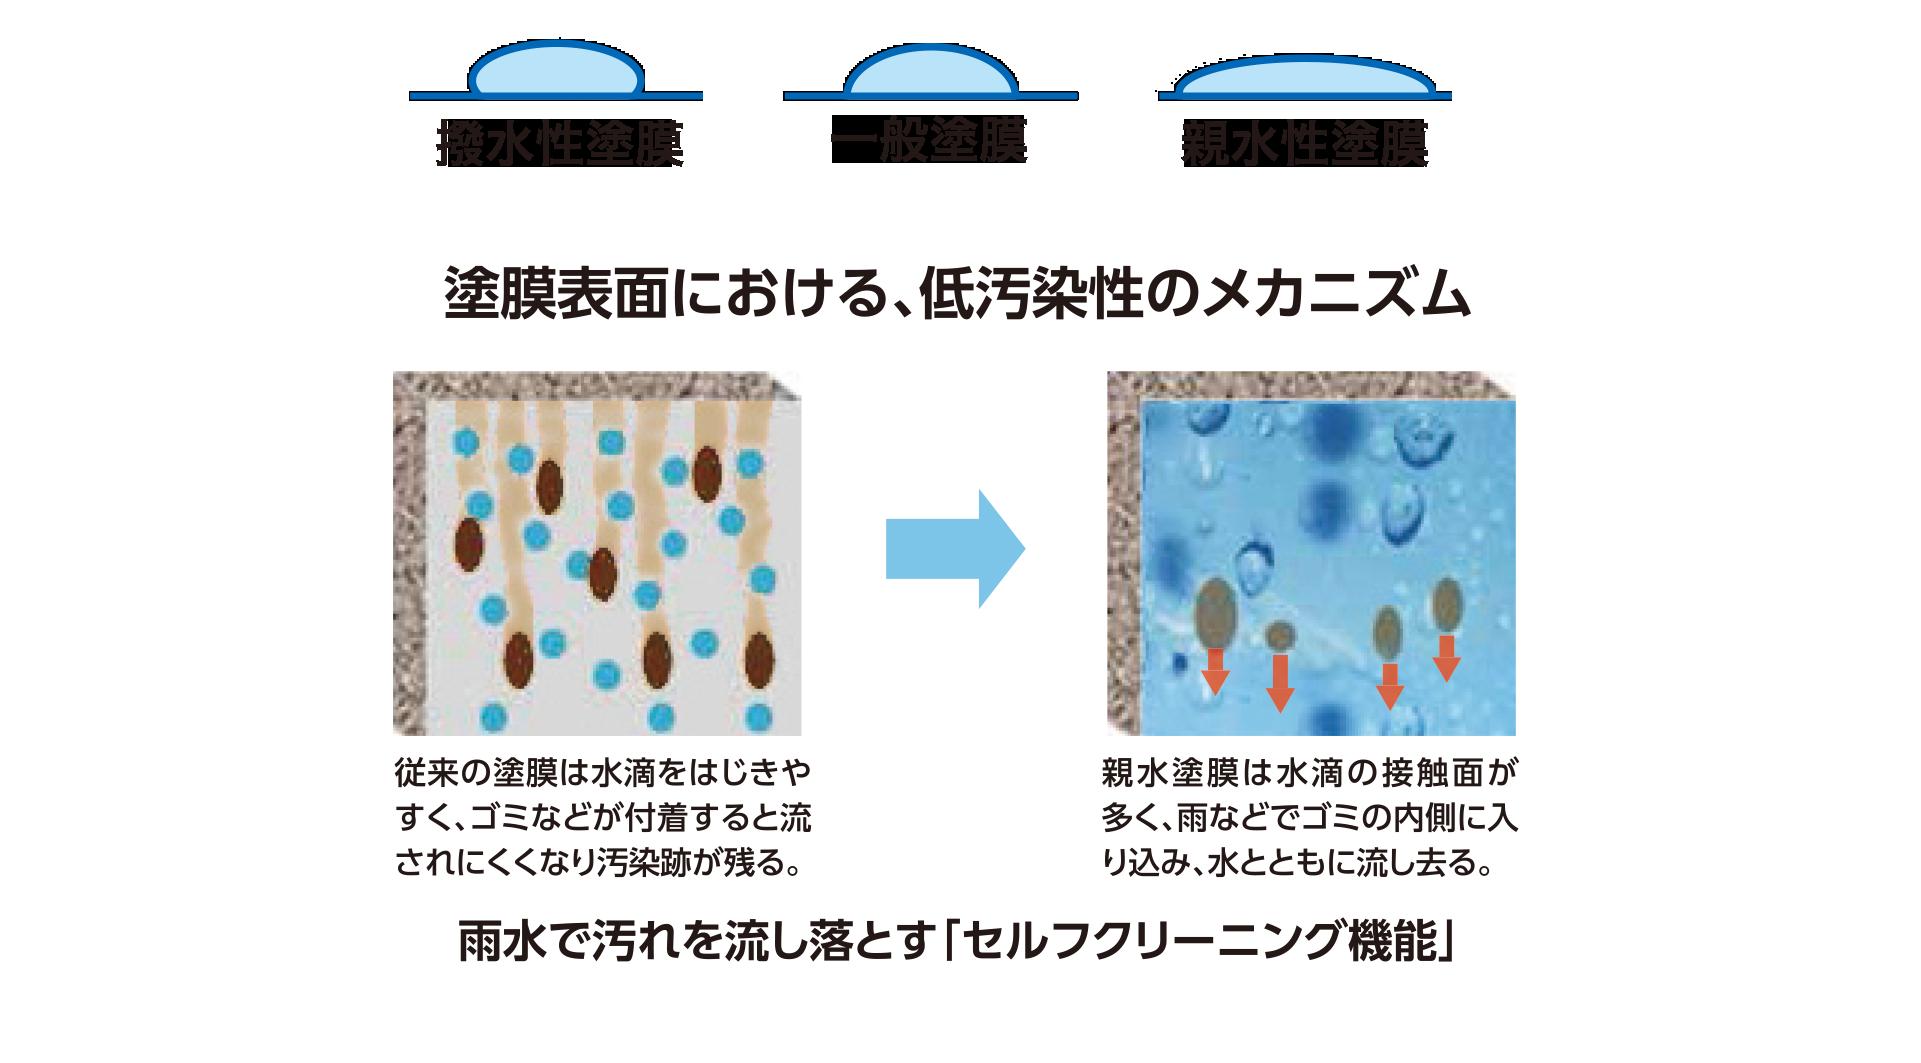 塗膜表面状態の違いによる水の漏れ性